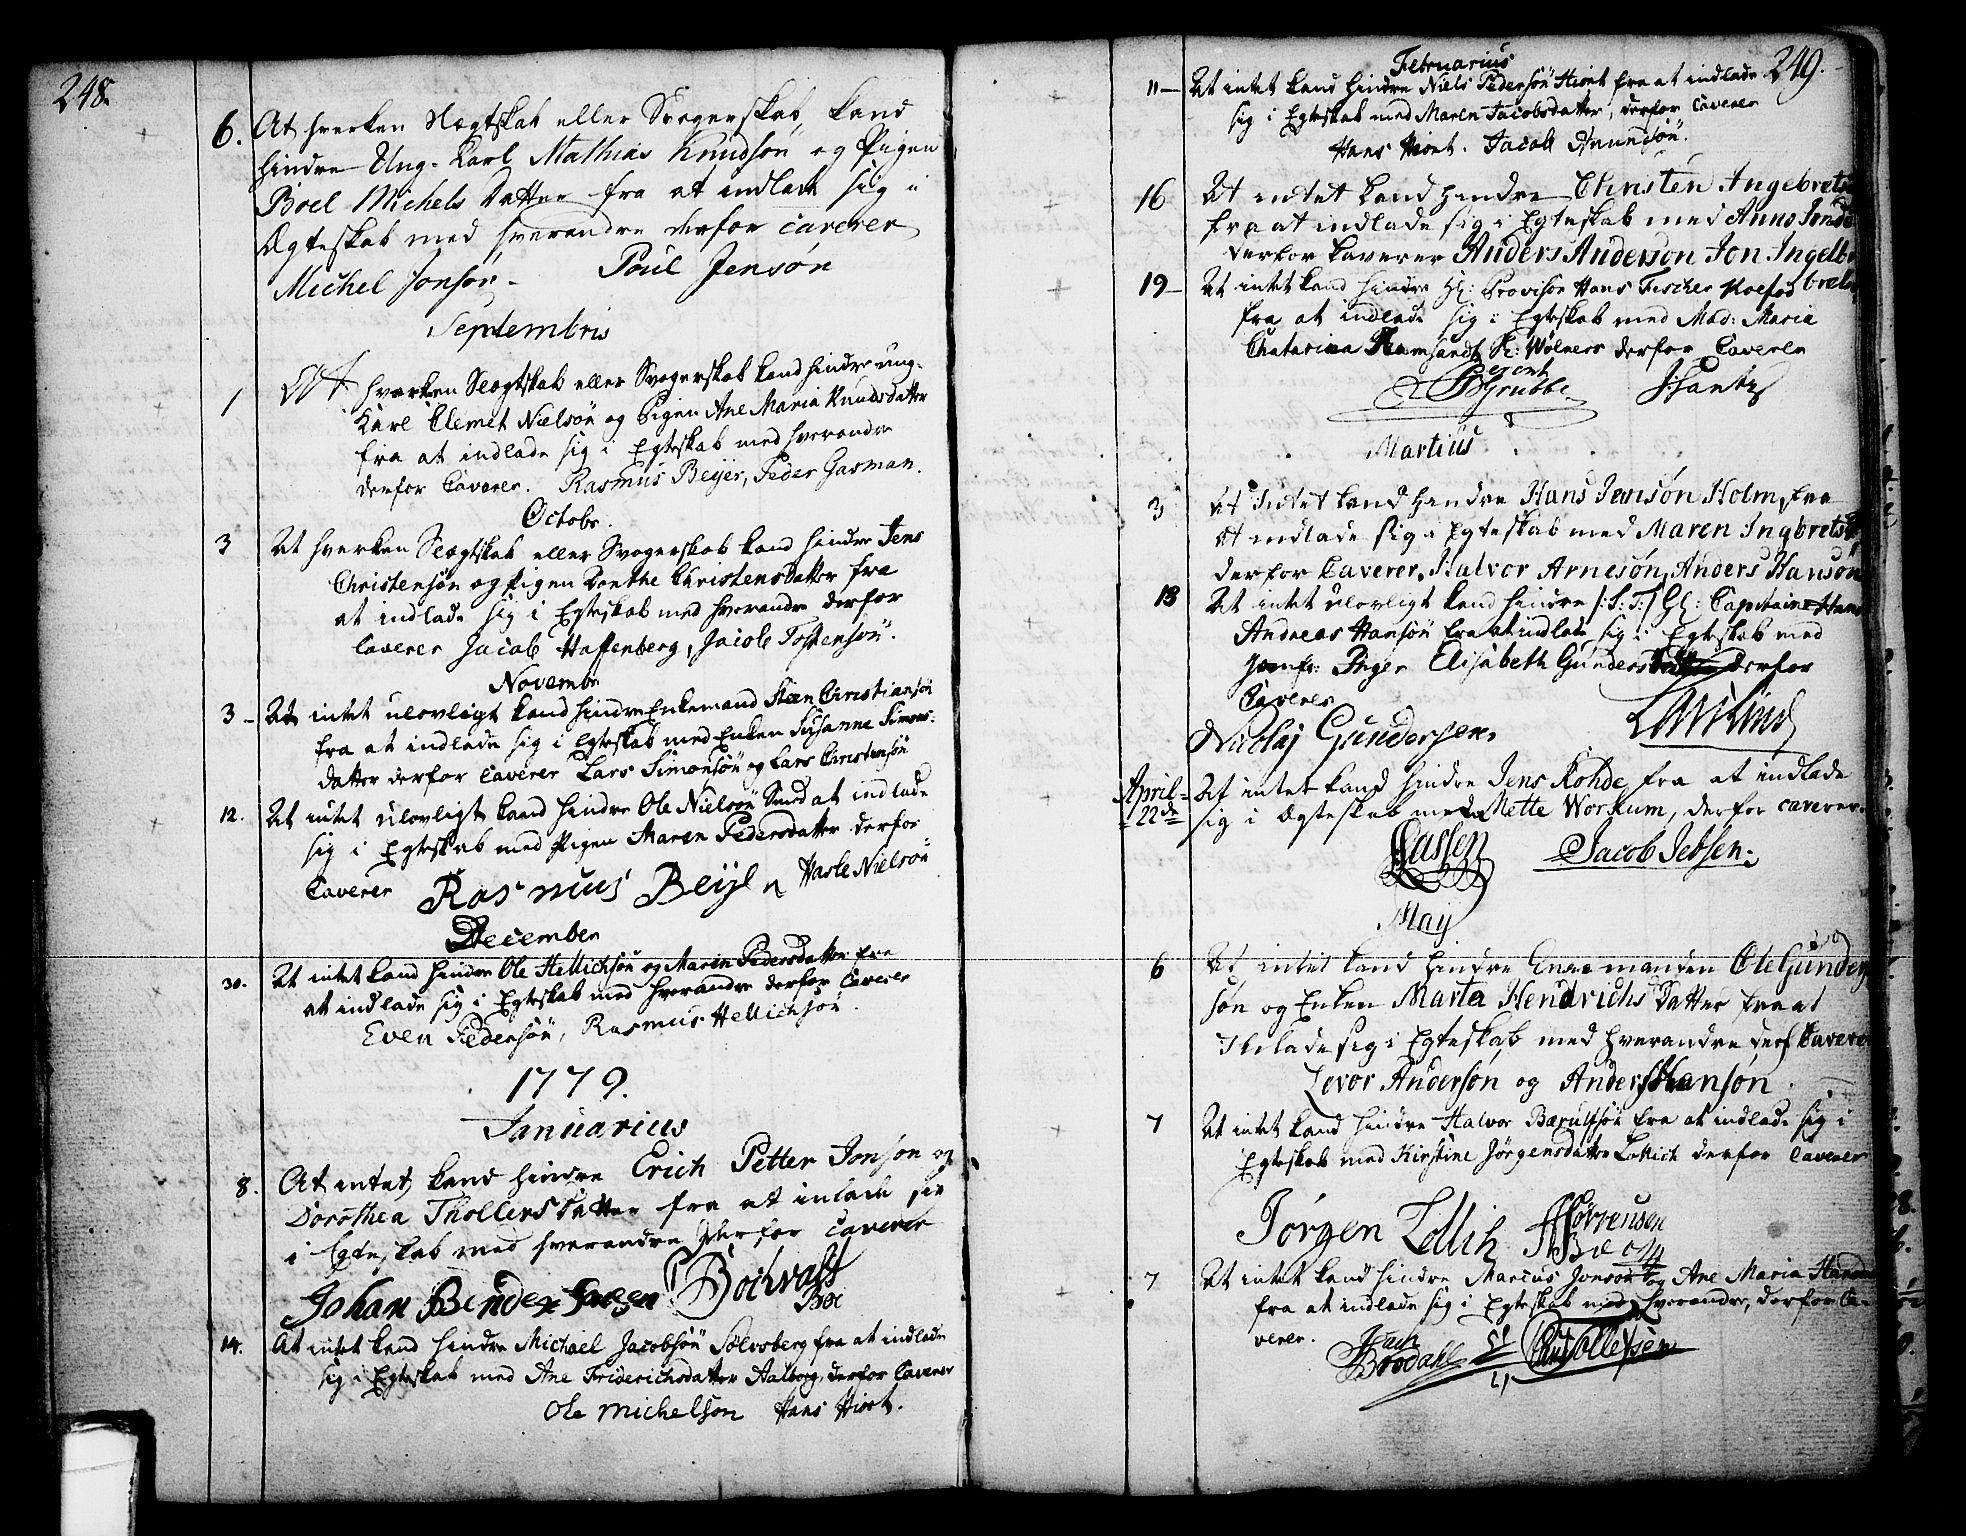 SAKO, Skien kirkebøker, F/Fa/L0003: Ministerialbok nr. 3, 1755-1791, s. 248-249